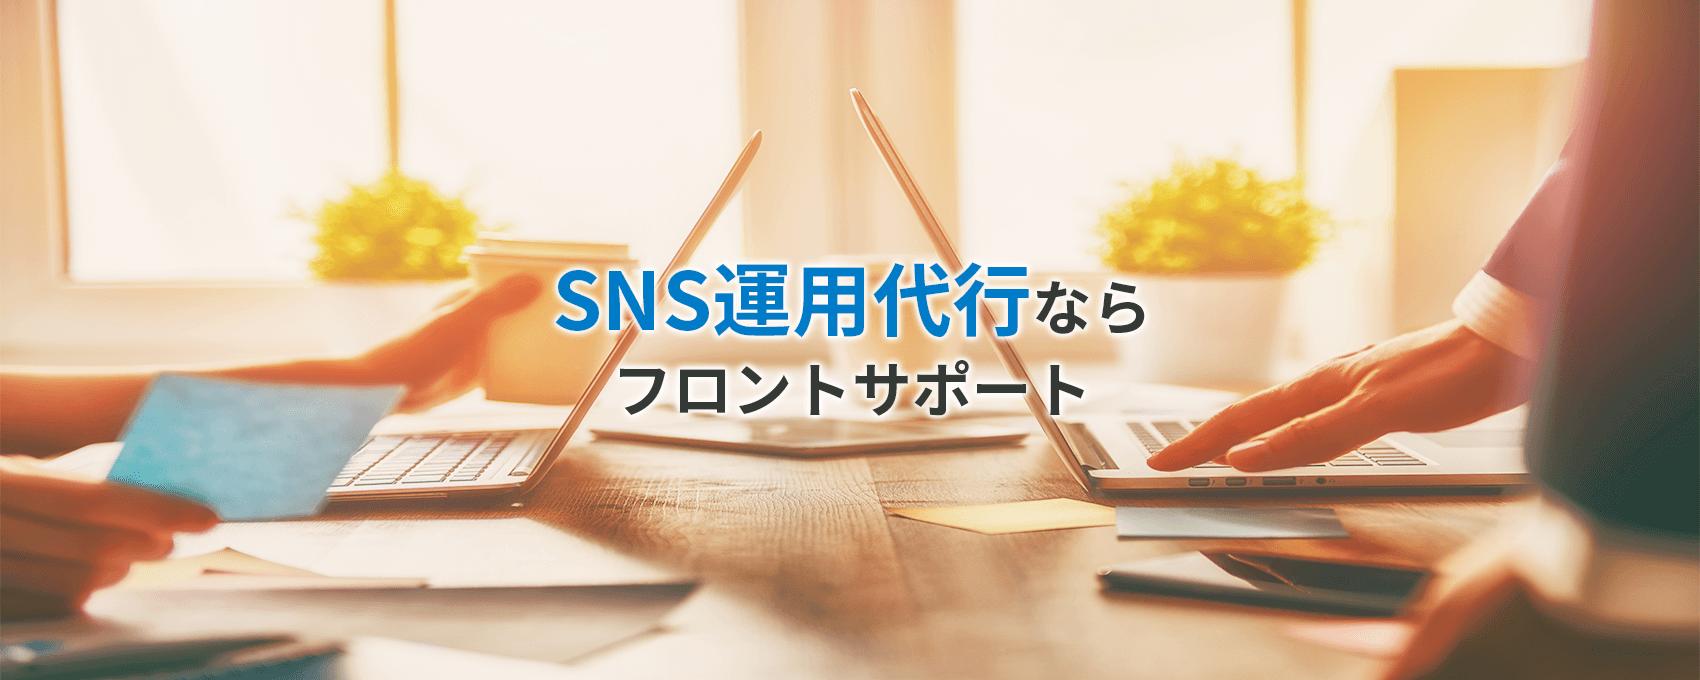 SNS運用におけるアカウント開設から、運用代行りニューあるまで、SNSで企業に認知アップへ